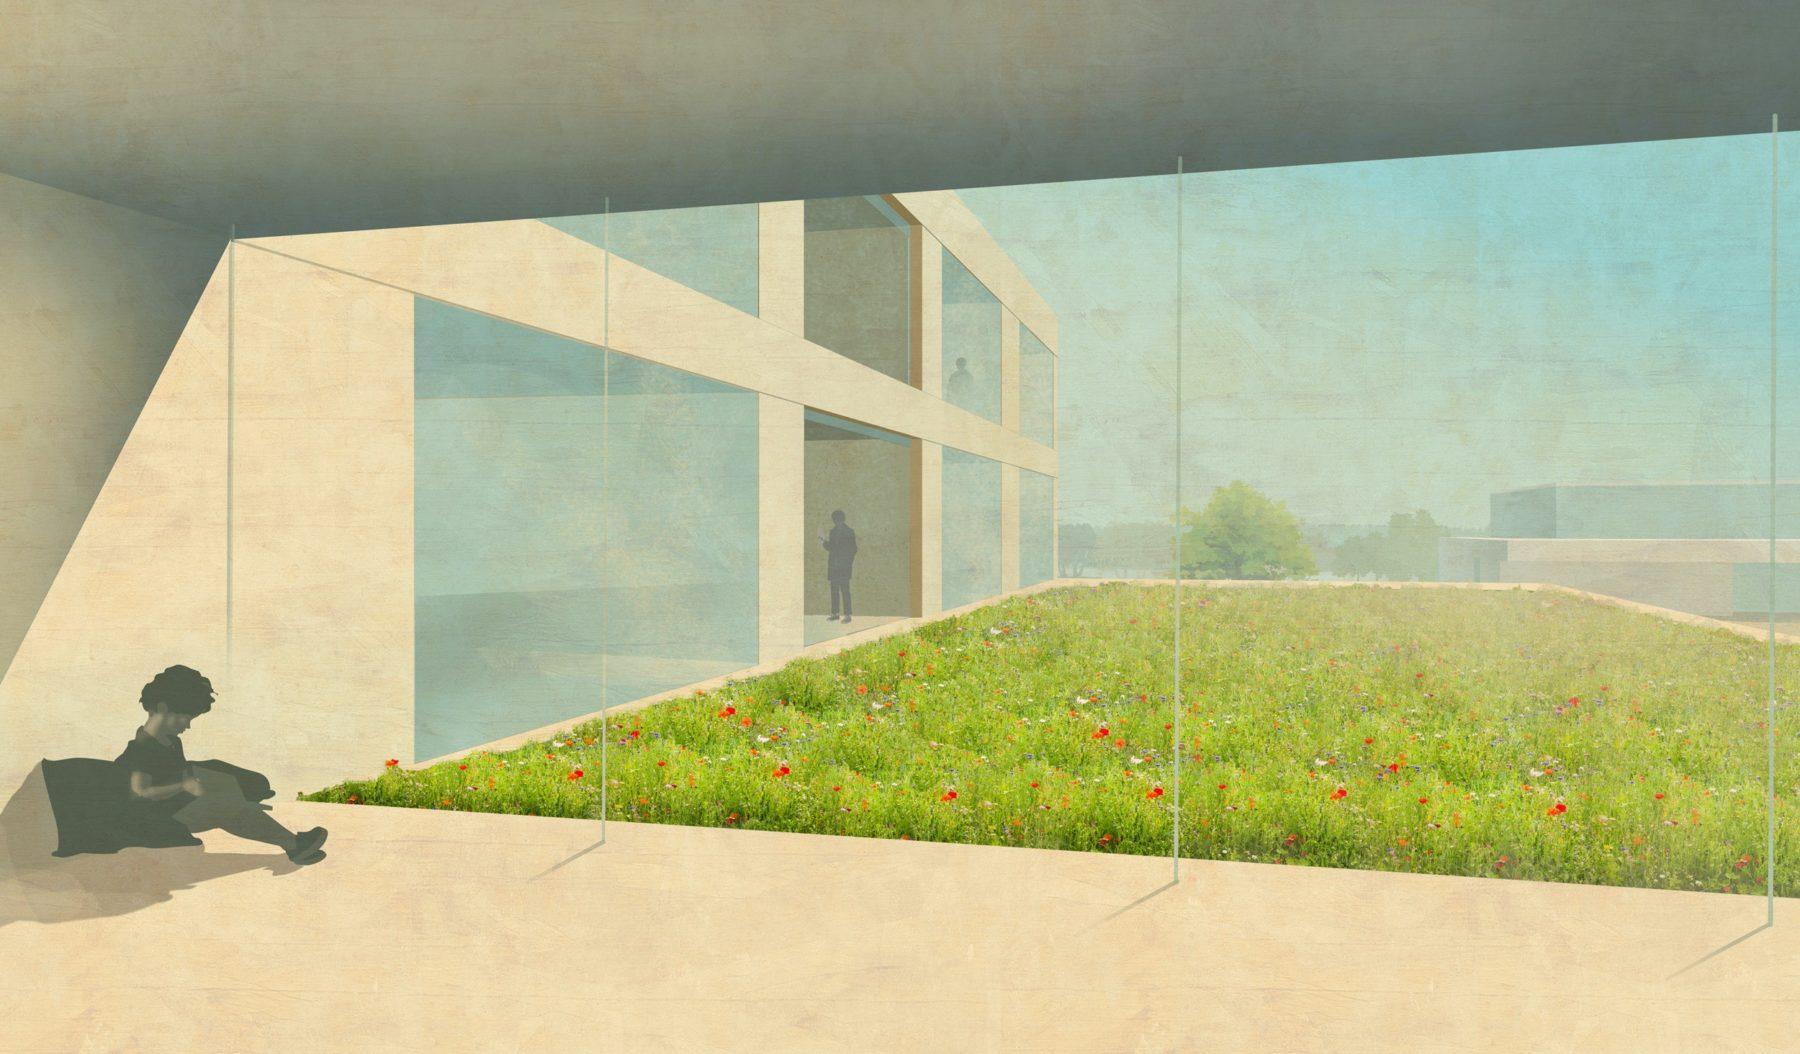 STrauma Landschaftsarchitektur Berlin landscape architects Bildungscampus Gruscheweg Neuenhagen bei Berlin Perspektive